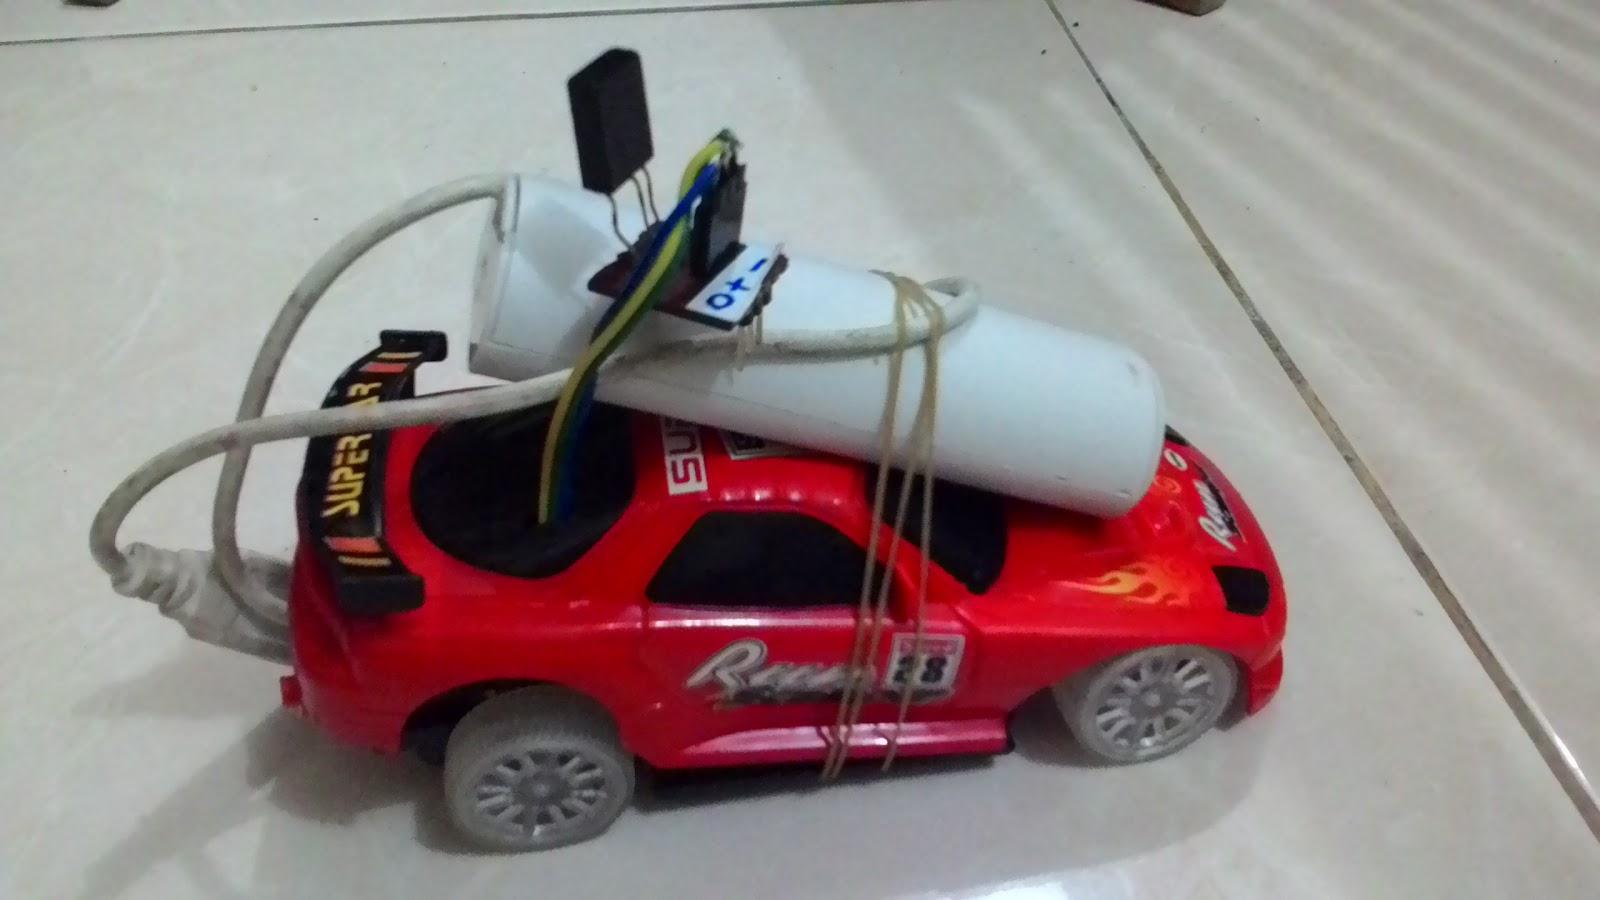 Membuat Mobil Remote Control Dengan Remote TV Dengan Mikrokontroller